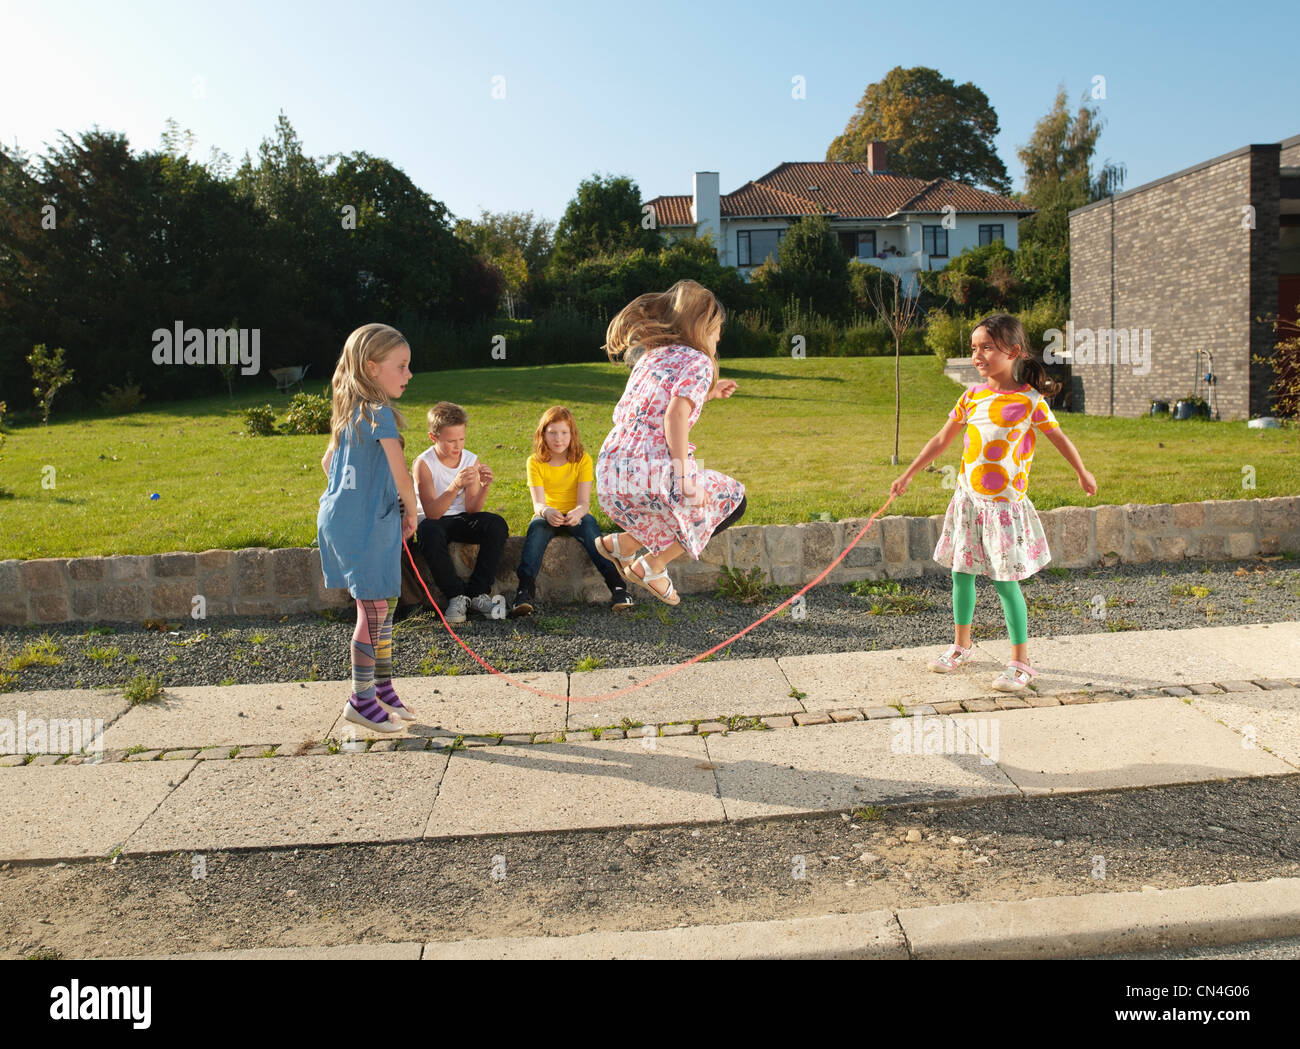 Mädchen auf Bürgersteig überspringen Stockbild